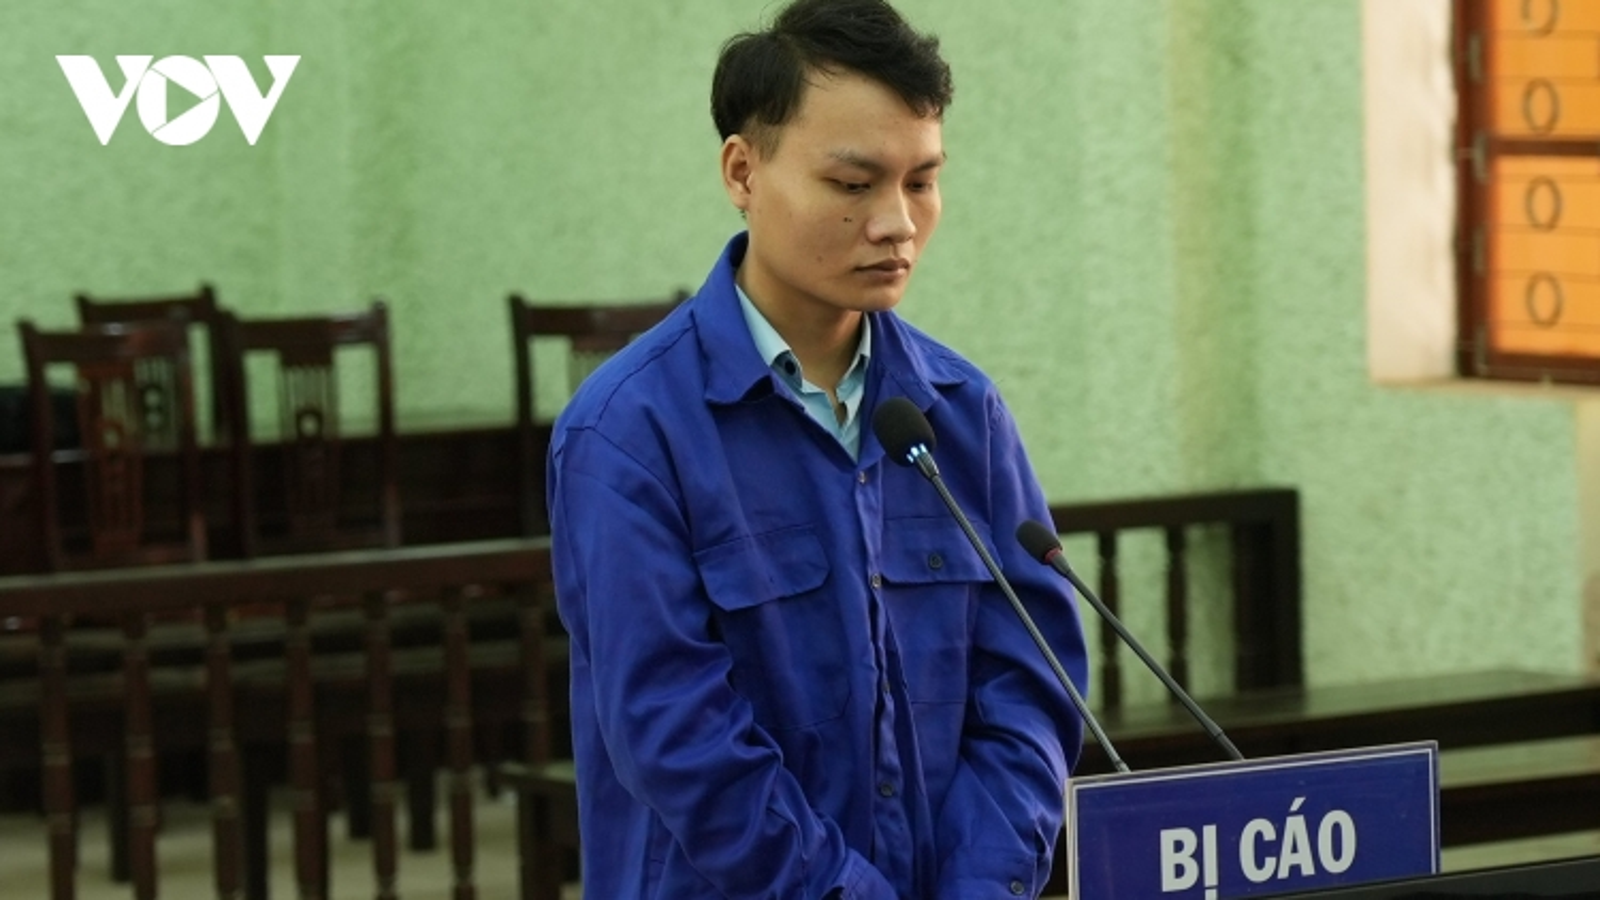 Đối tượng giả danh Công an, giao cấu với người dưới 16 tuổi bị tuyên án 5 năm tù giam